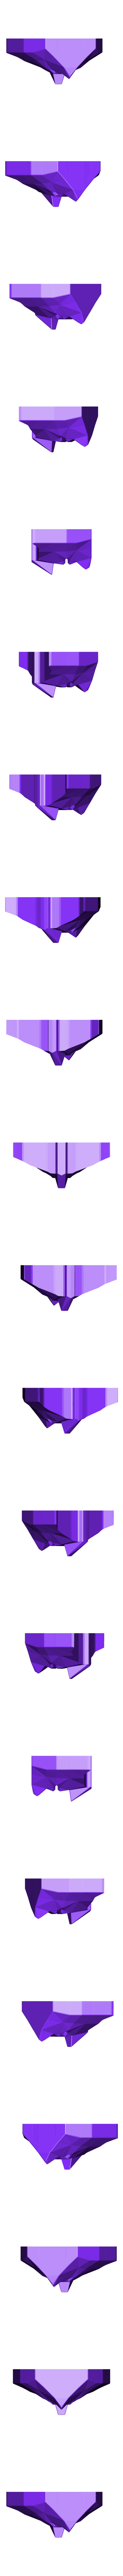 HEAD_PT2.stl Download free STL file TRANSFORMERS G1 ROTORSTORM ARTICULATION UPGRADE KIT • 3D printable design, sickofyou